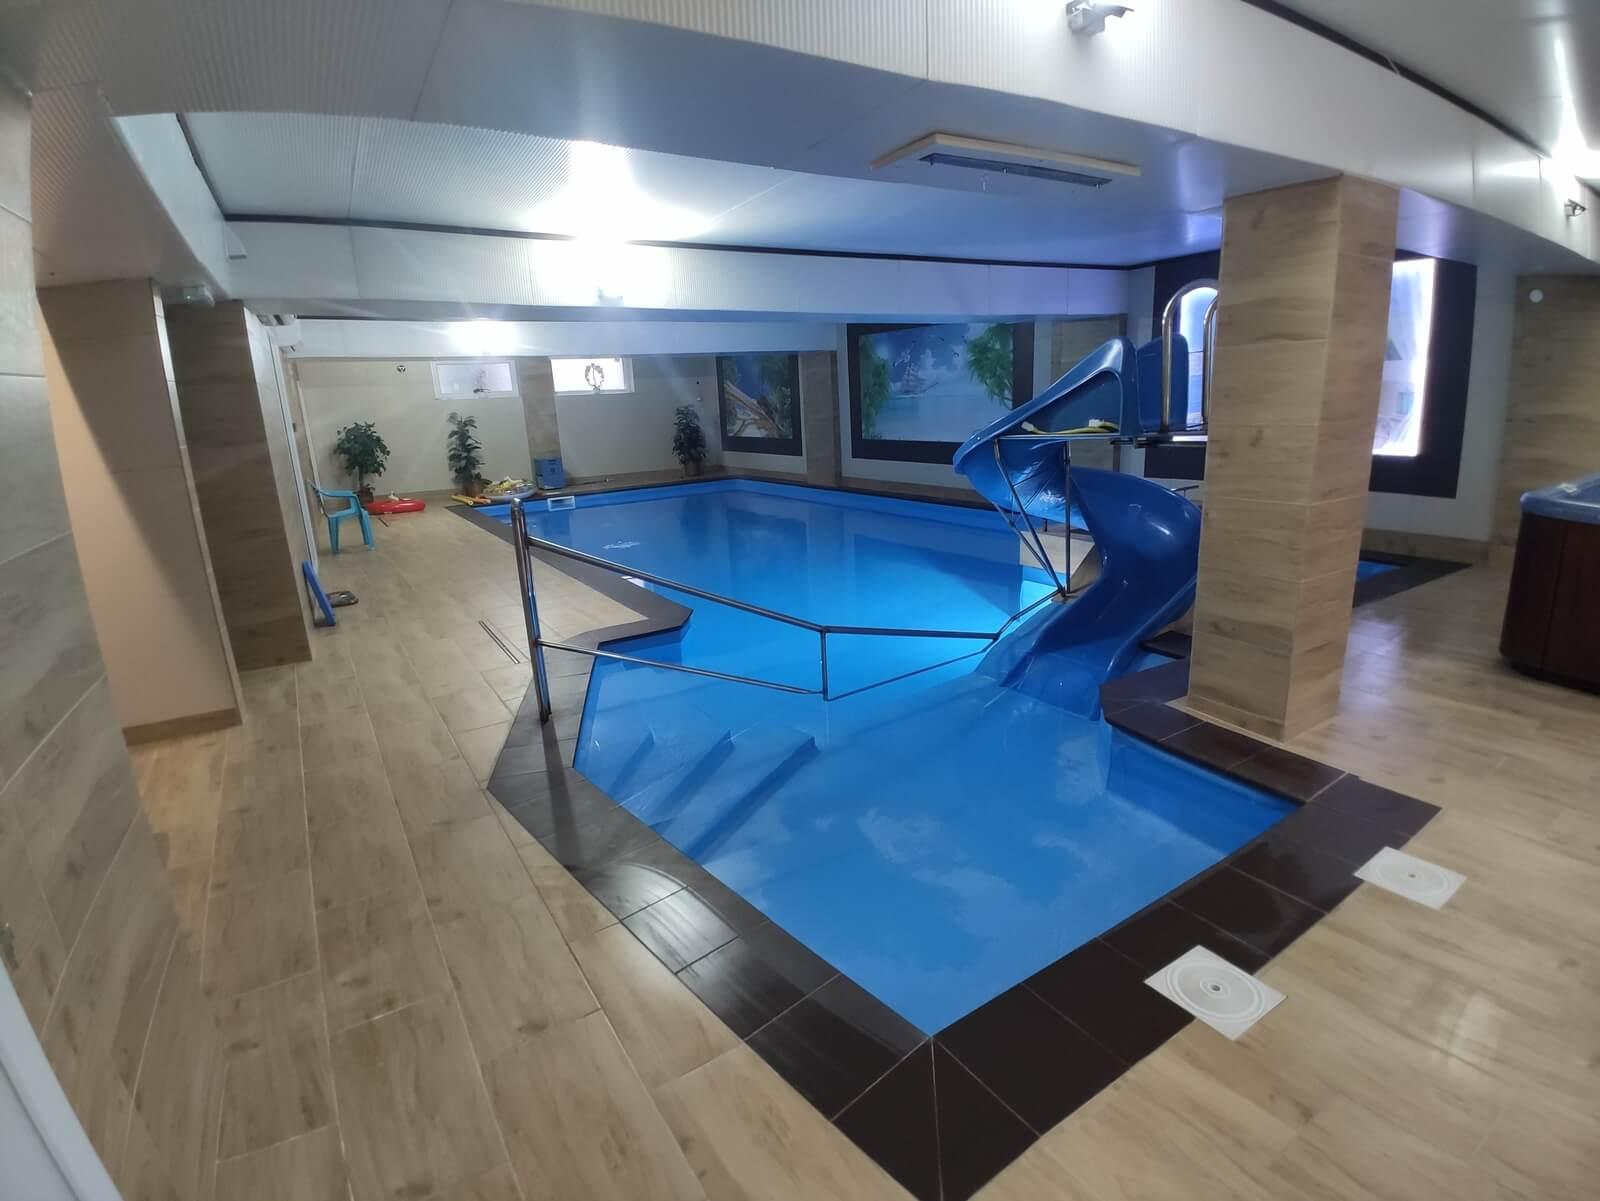 Dzieci też mogą korzystać z basenu